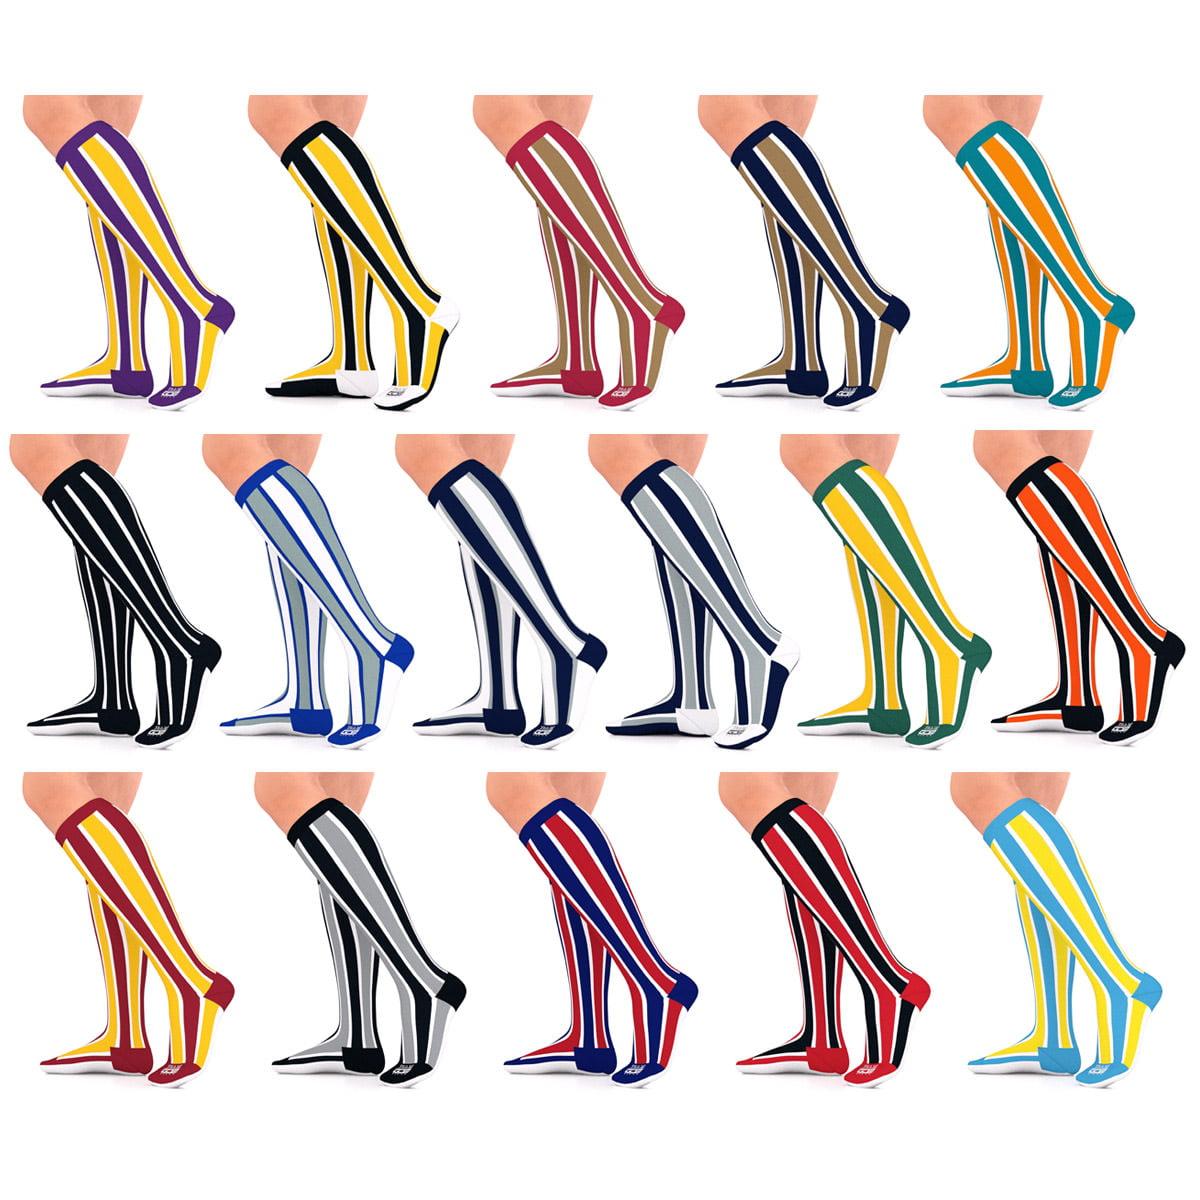 Go2 Team 15-20 mmhg Compression Socks For Women & Men Graduated Sock (Black/White S, 1 Pair)